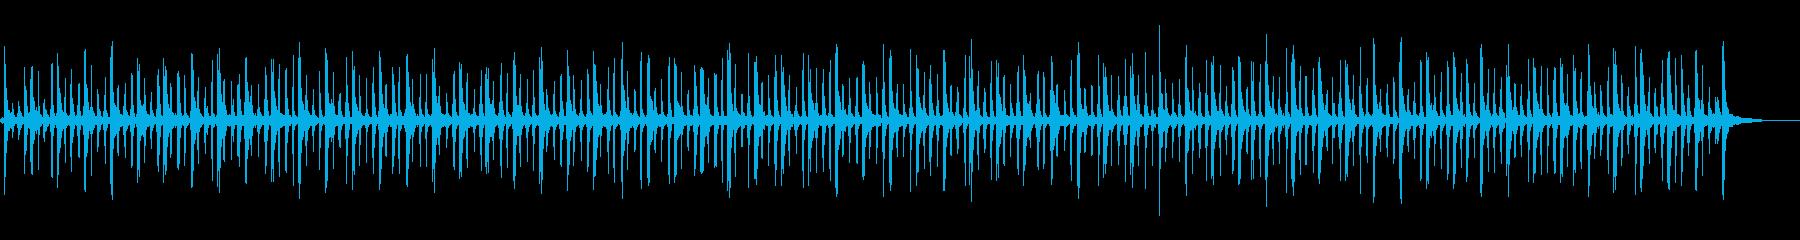 ラテンシミーパーカッショングローブ...の再生済みの波形